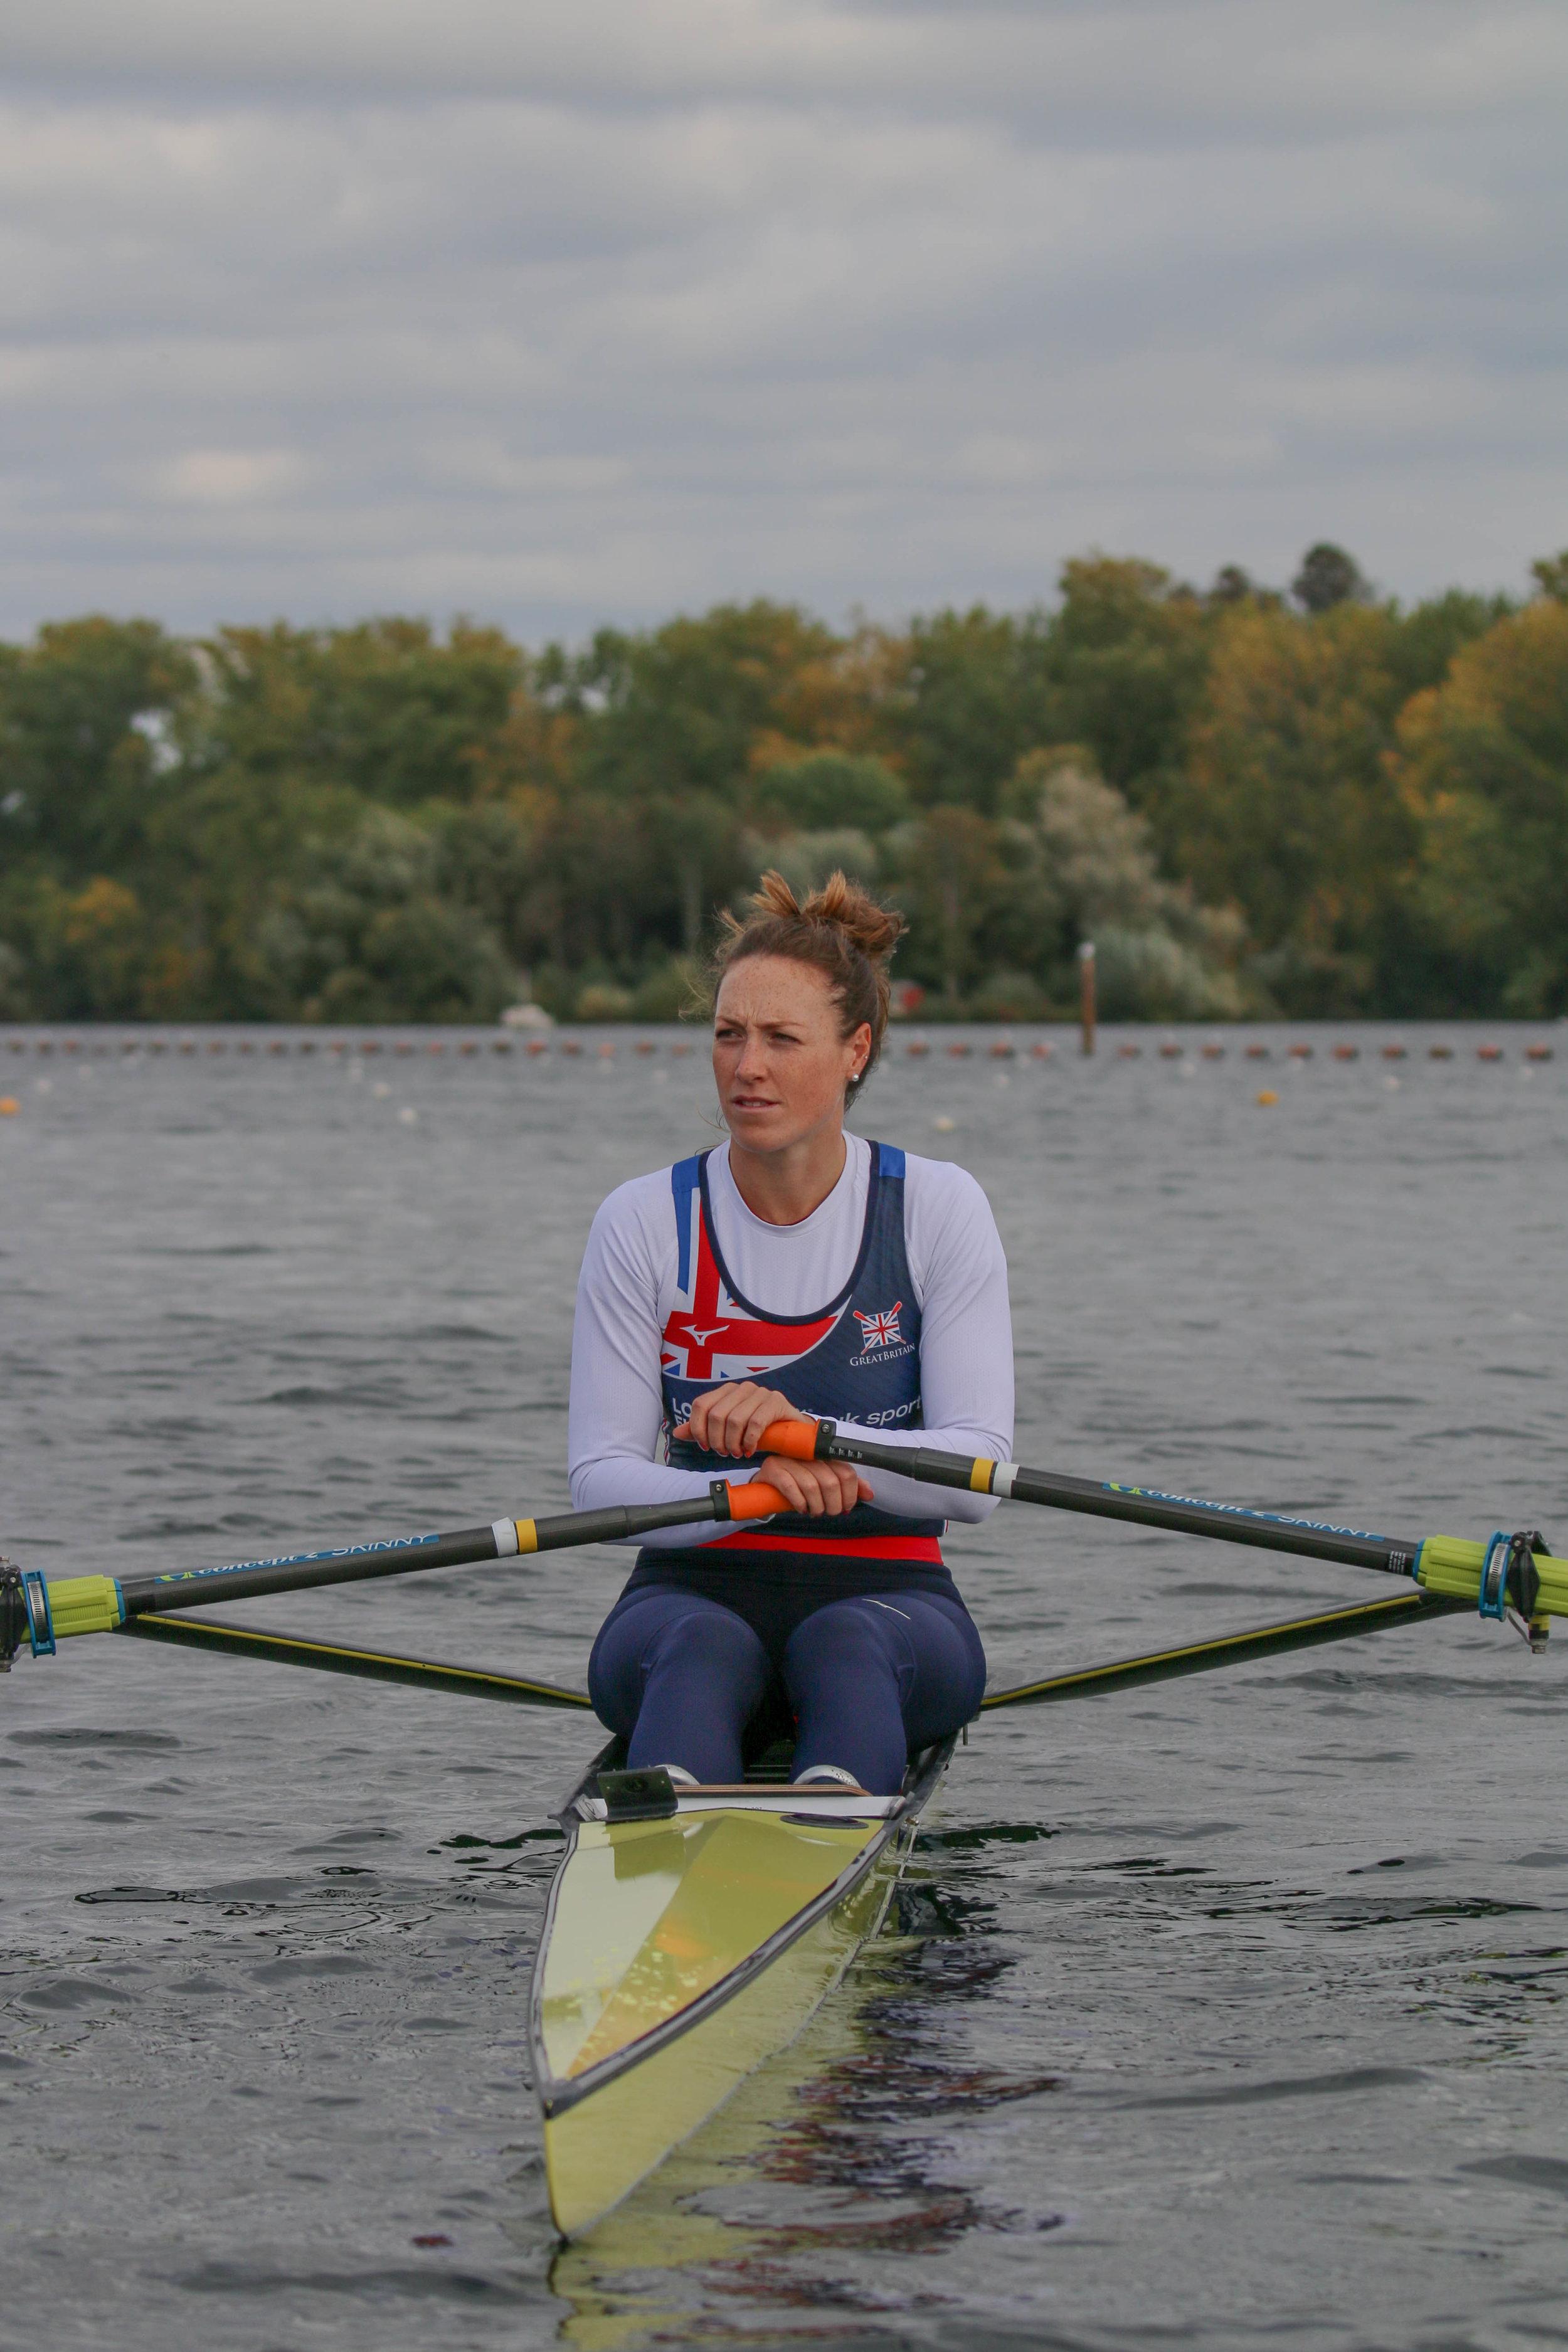 womens-sport-karen-bennett-rowing-athlete41.jpg